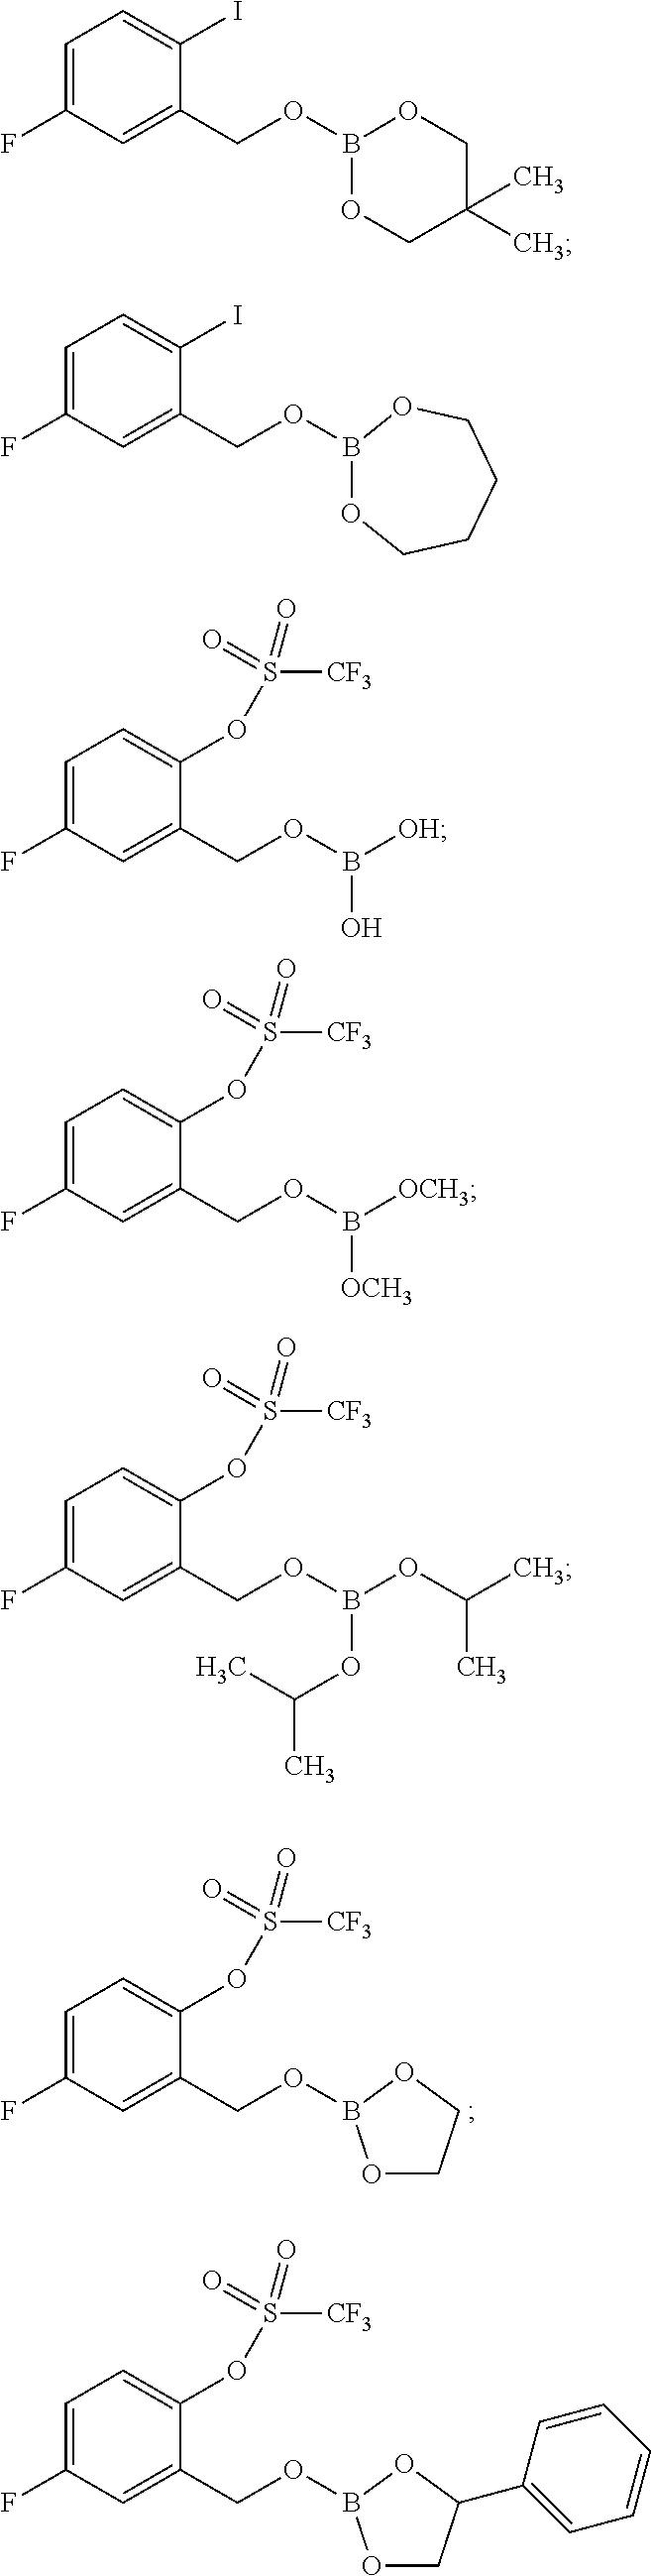 Figure US09566289-20170214-C00107